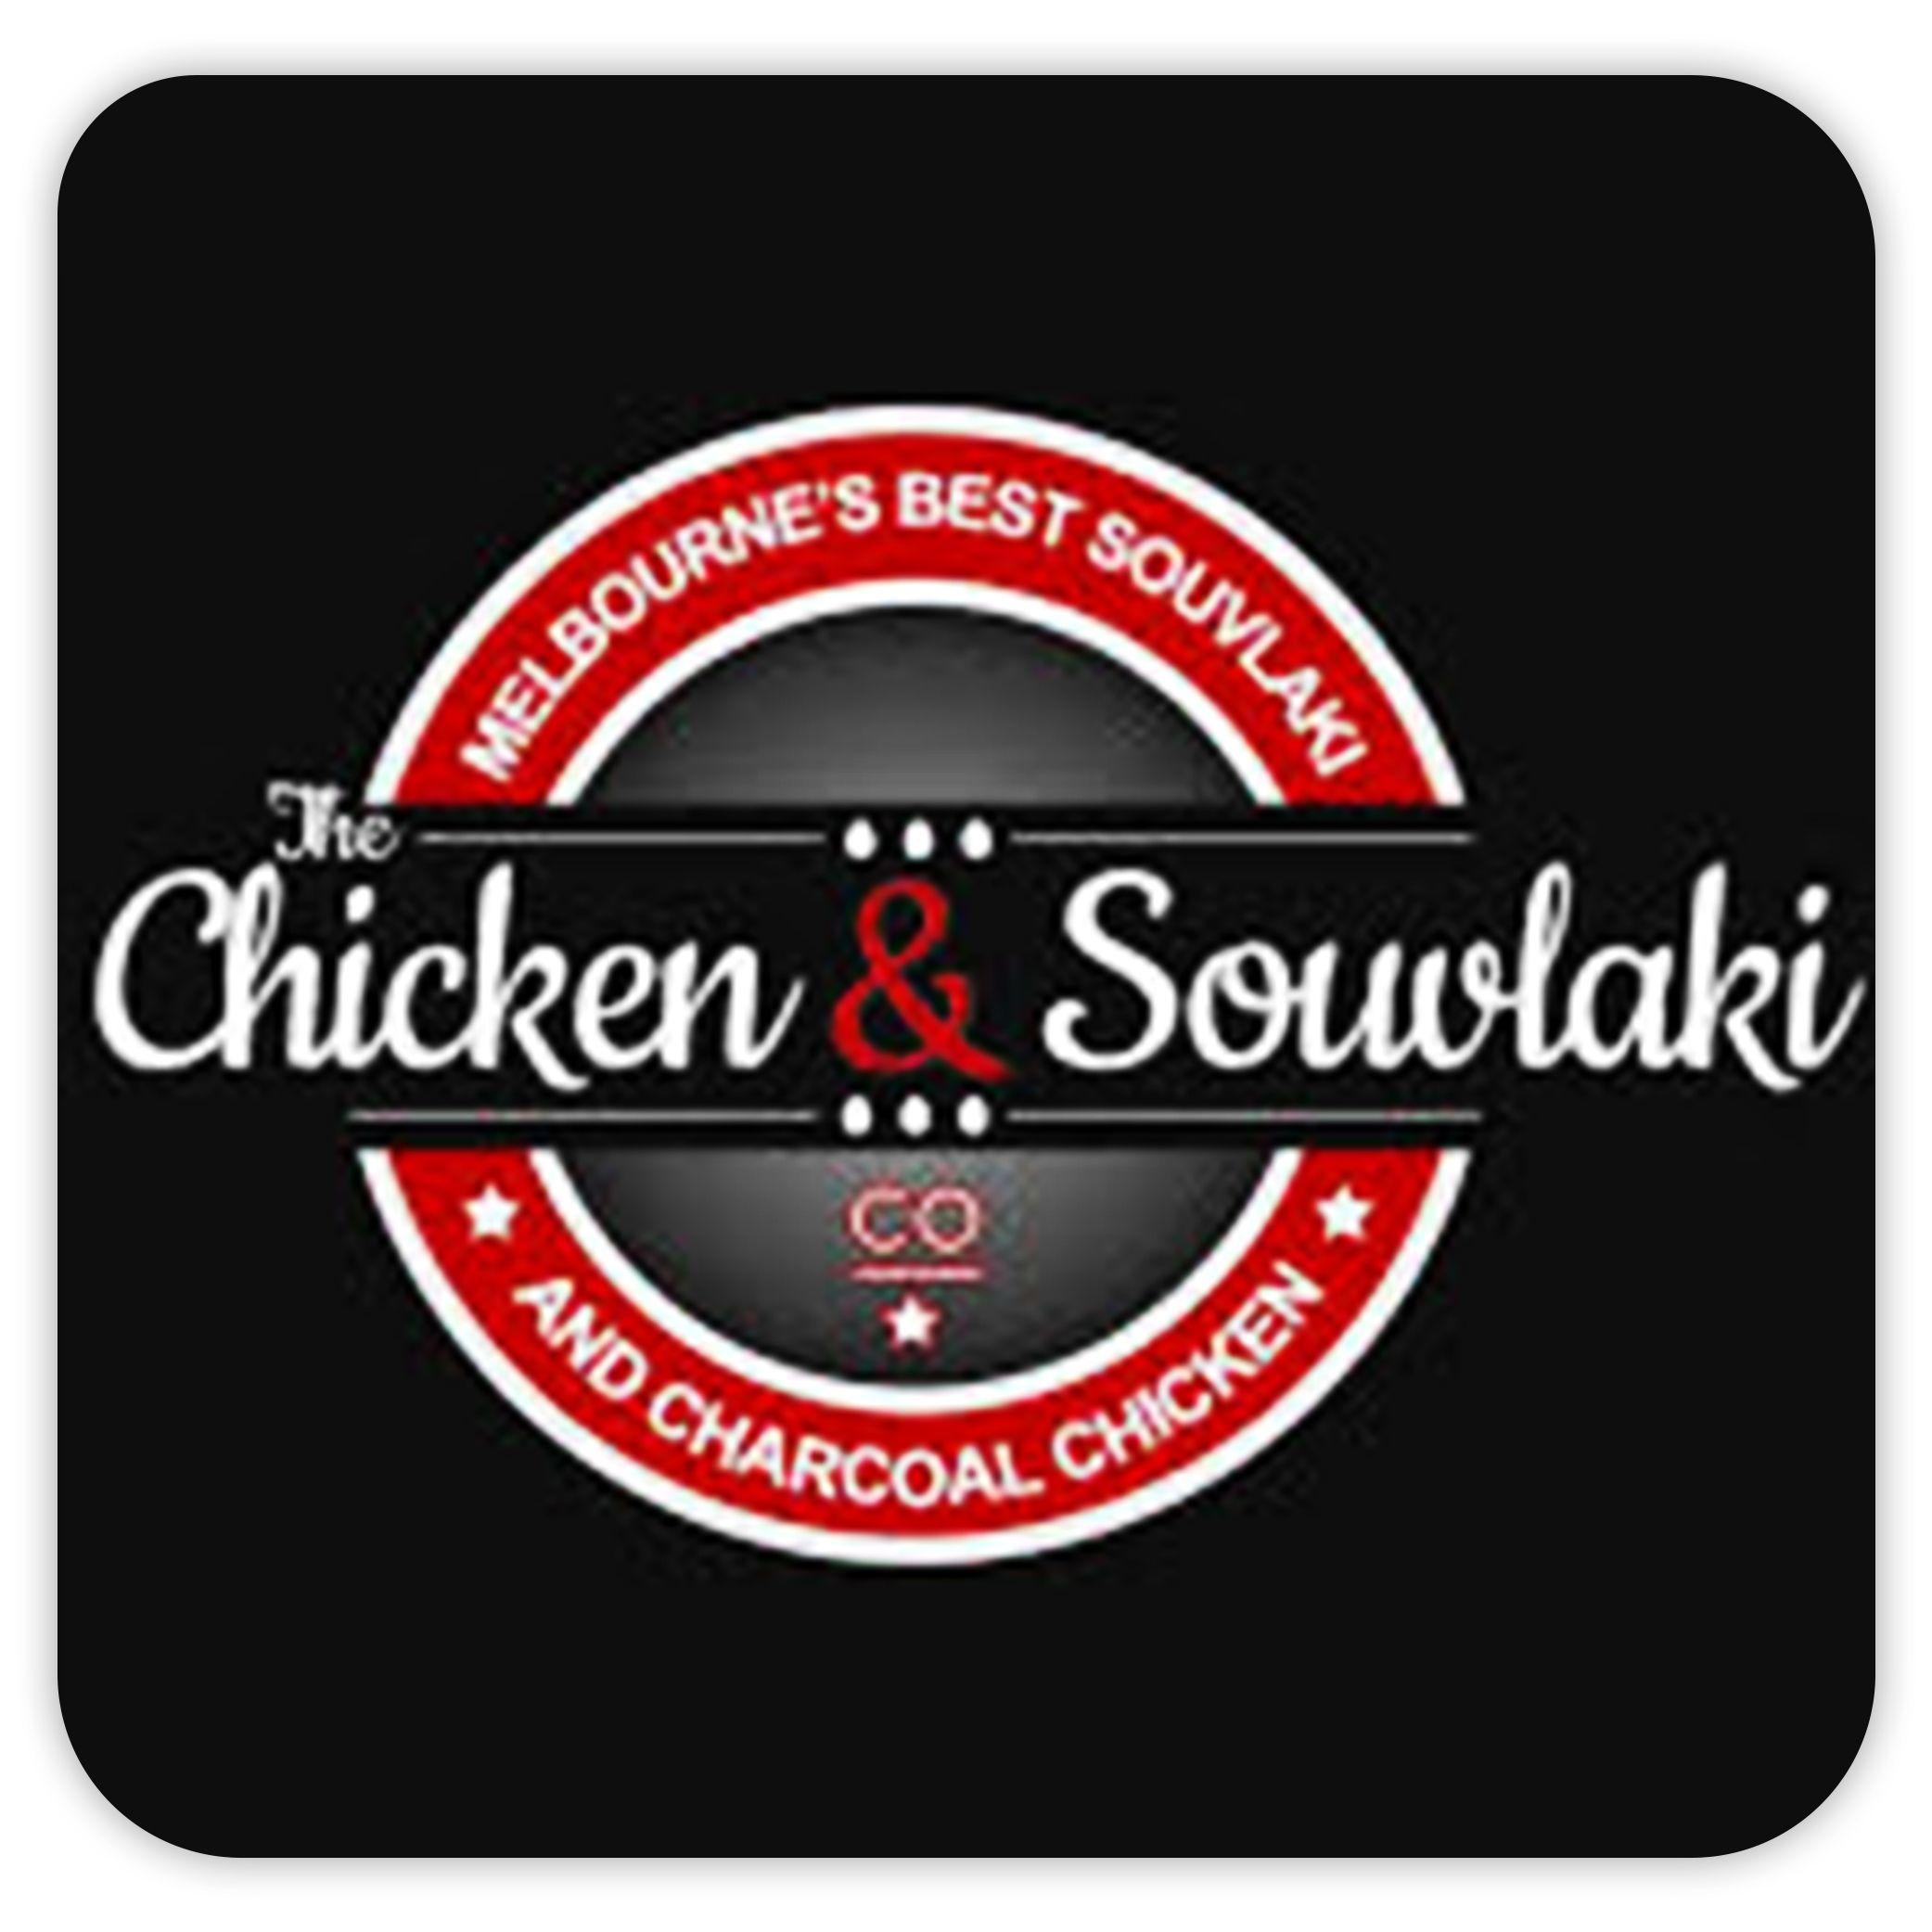 The Chicken and Souvlaki Co